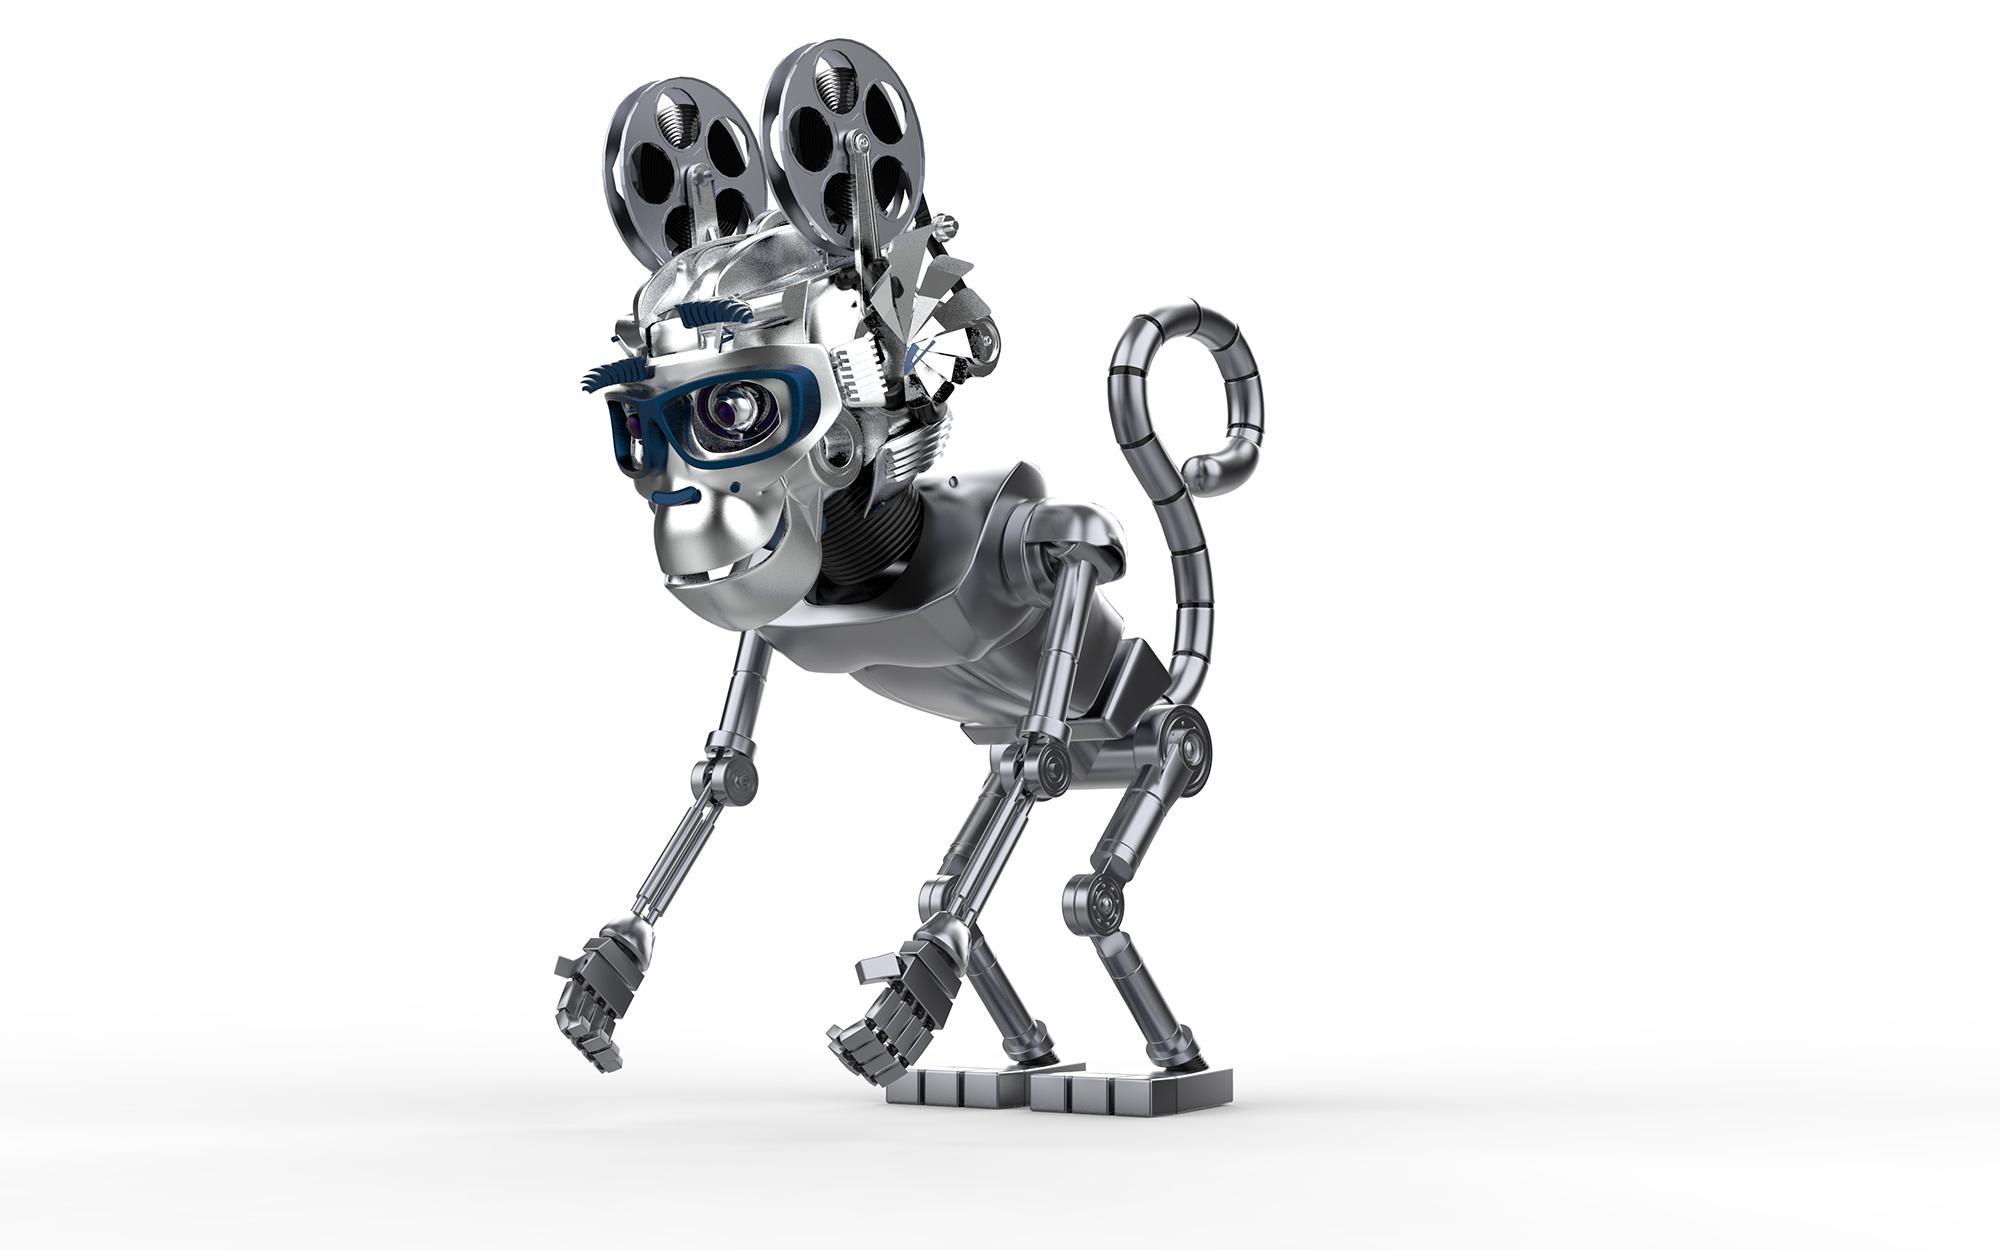 Monkey Robot